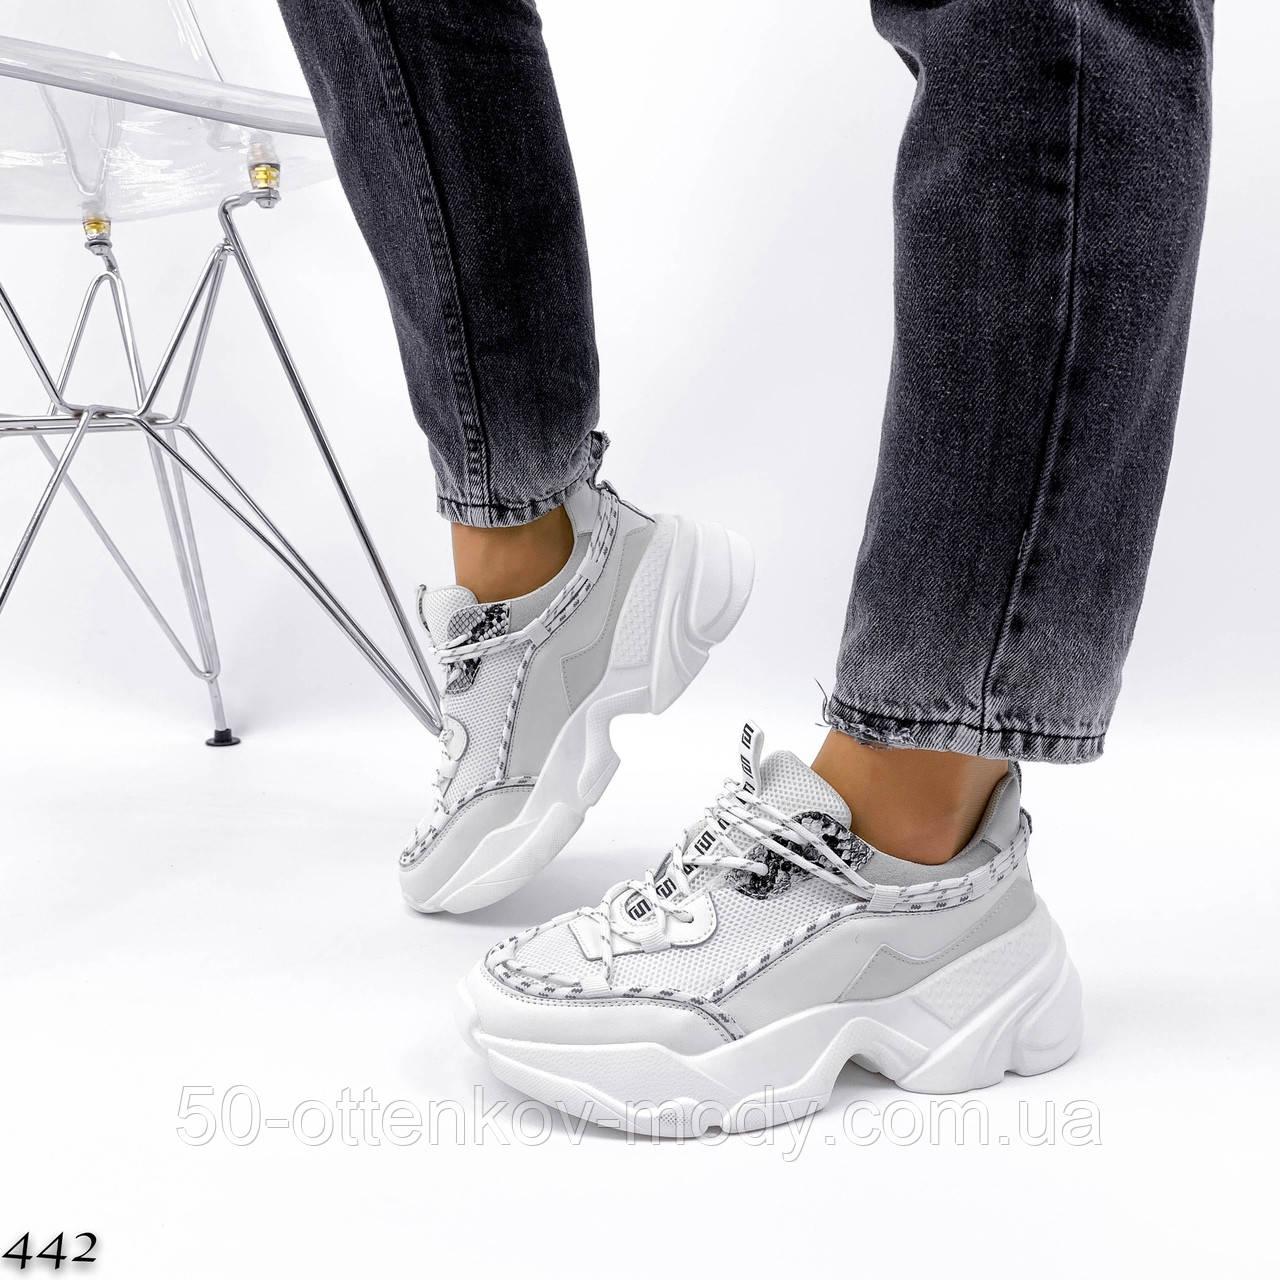 Жіночі кросівки на масивній підошві білі з ланцюгом